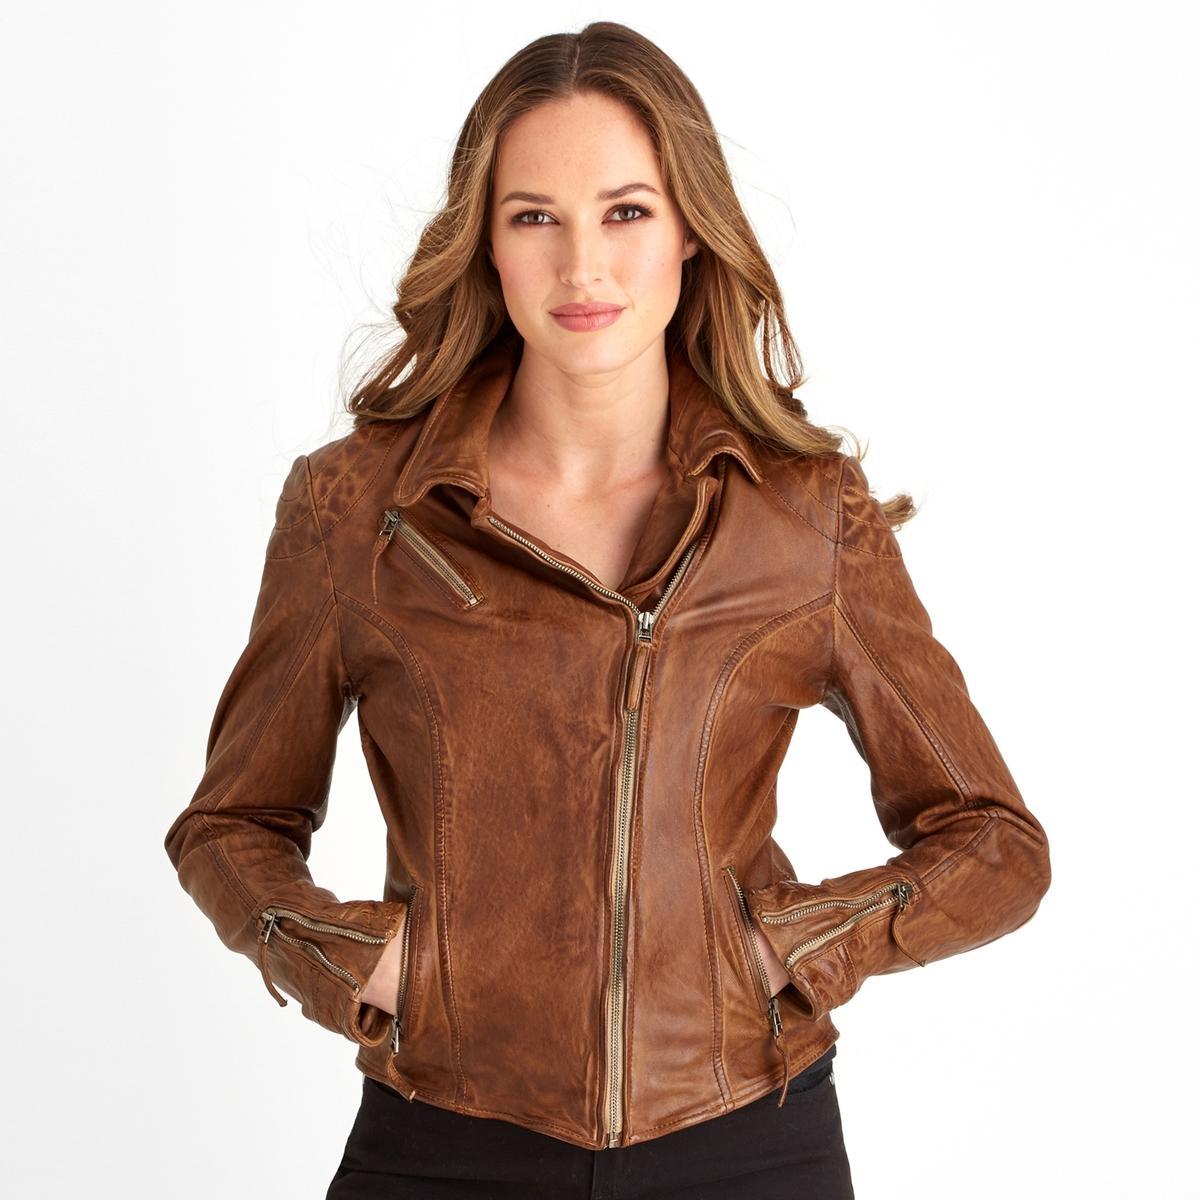 Куртка укороченная с застежкой на молнию, демисезонная